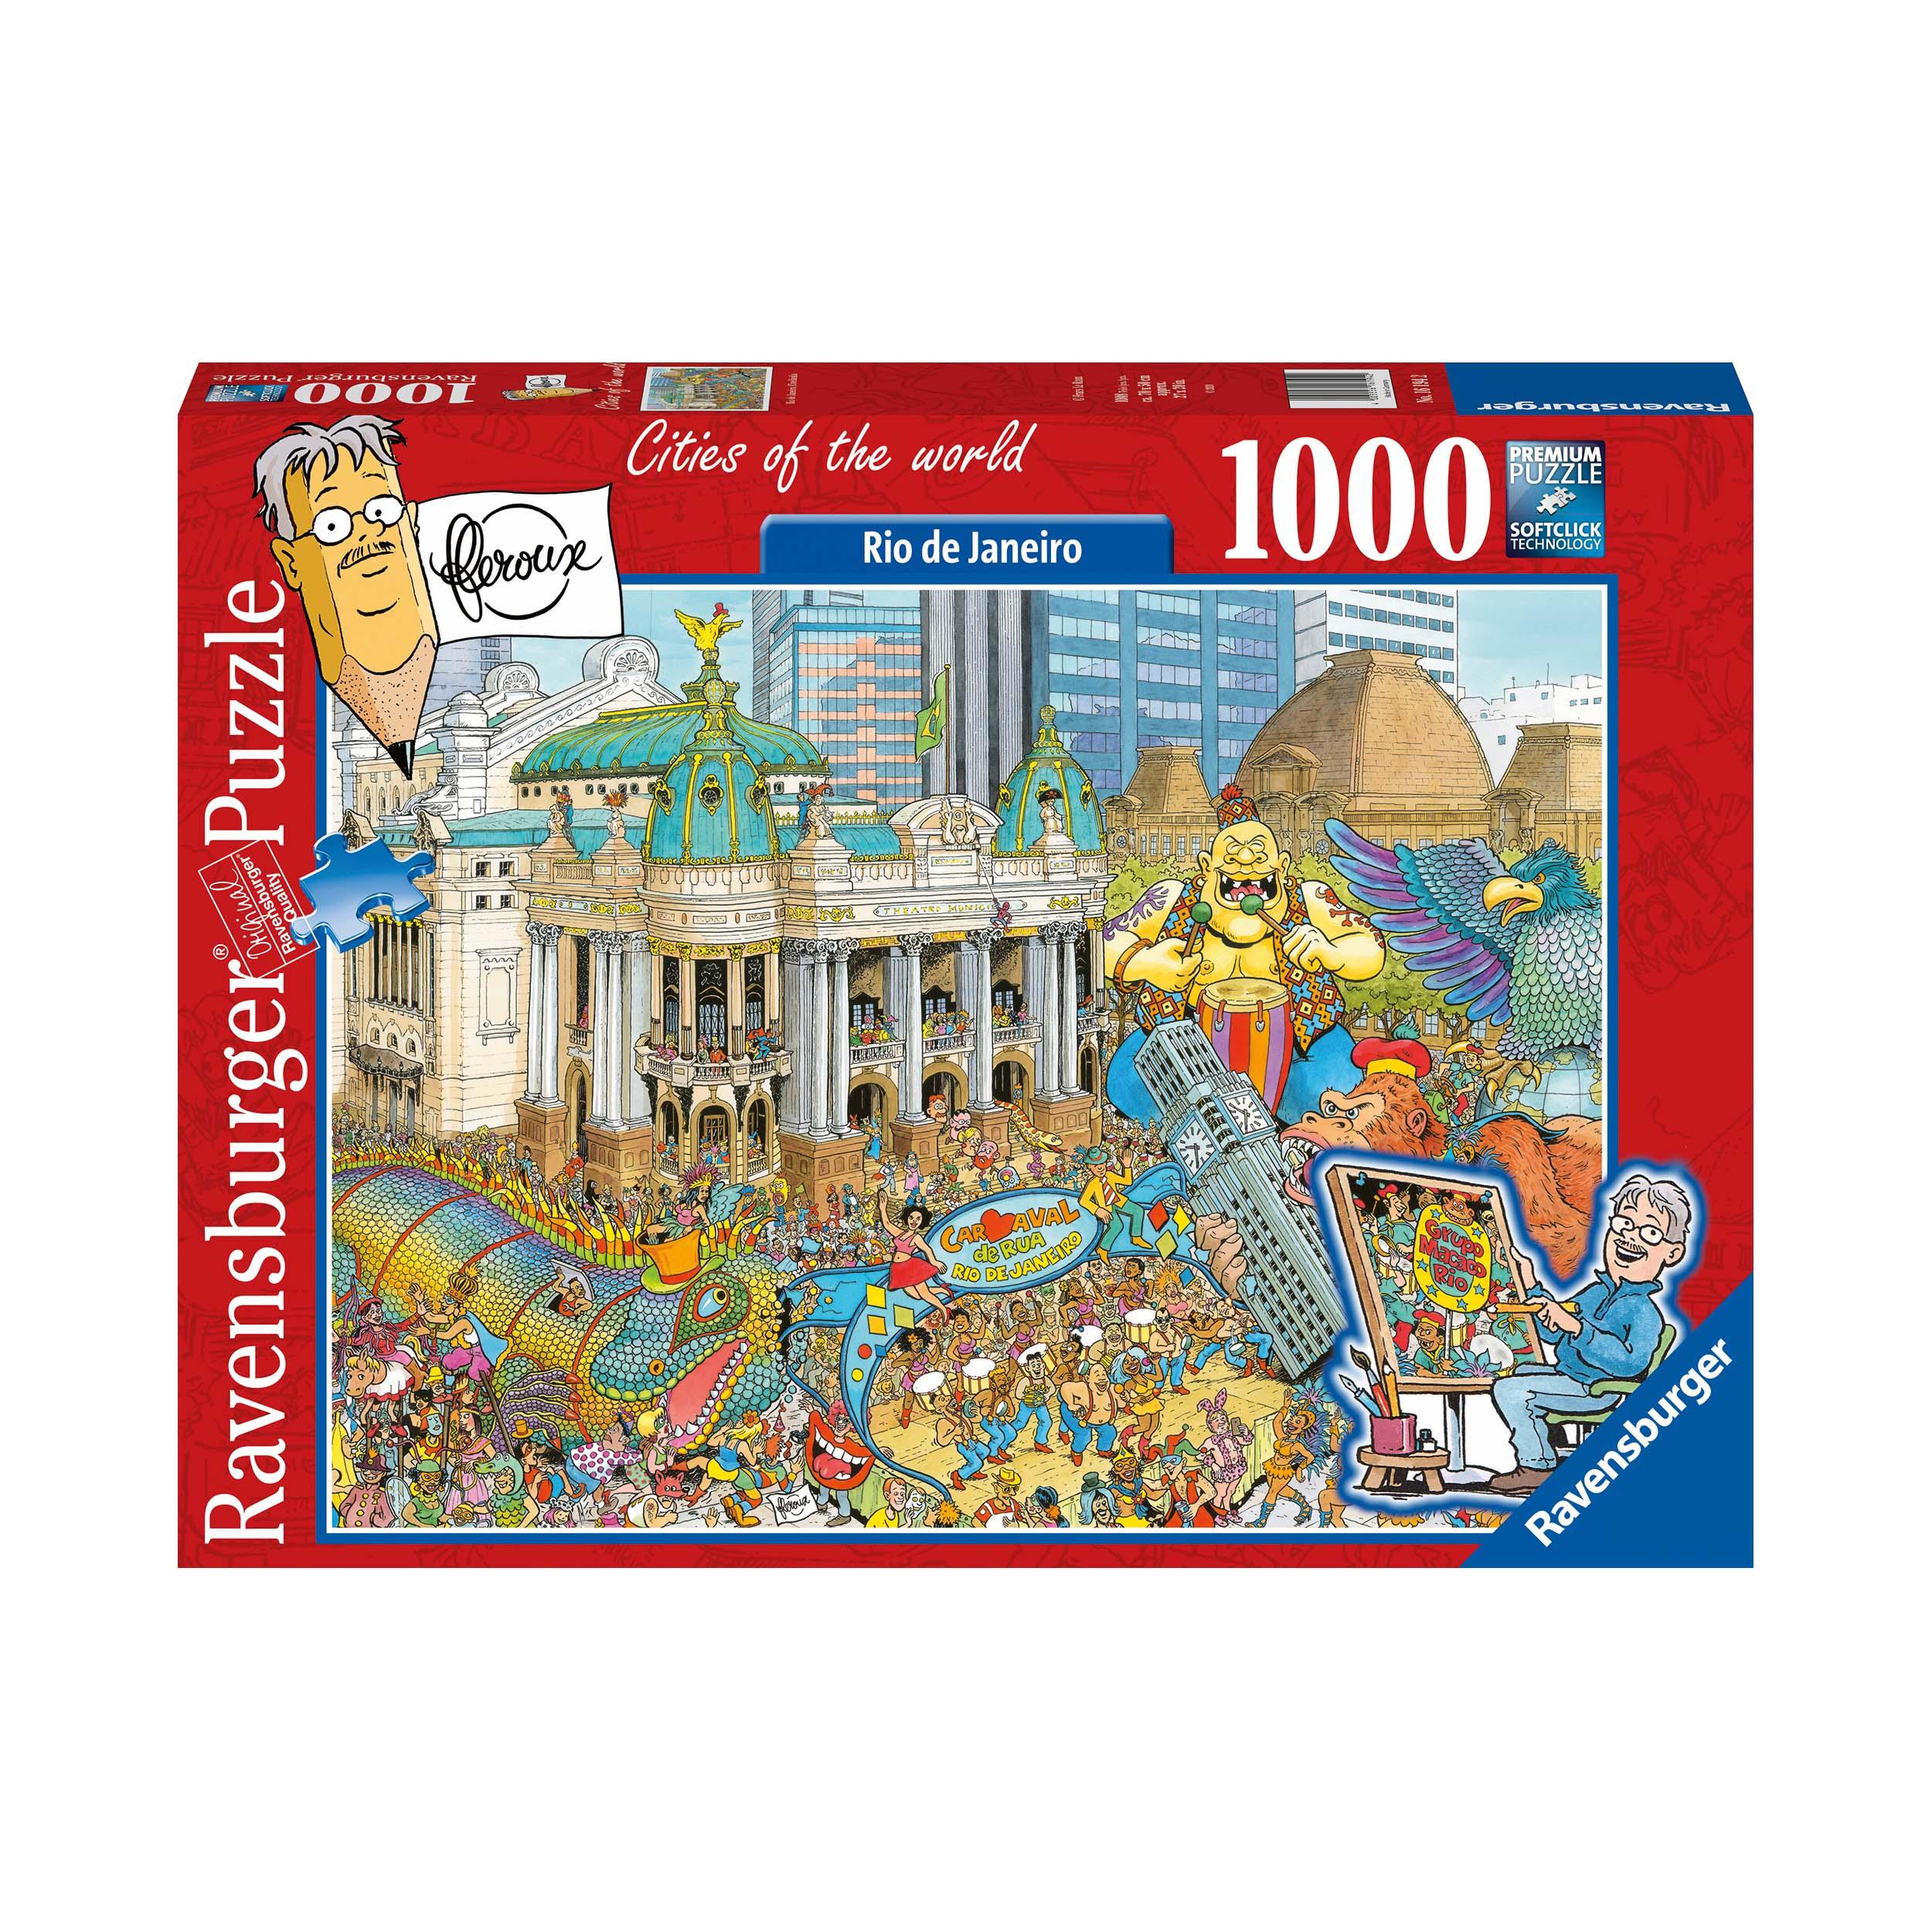 Afbeelding van Puzzel Fleroux Rio De Janeiro 1000 Stukjes